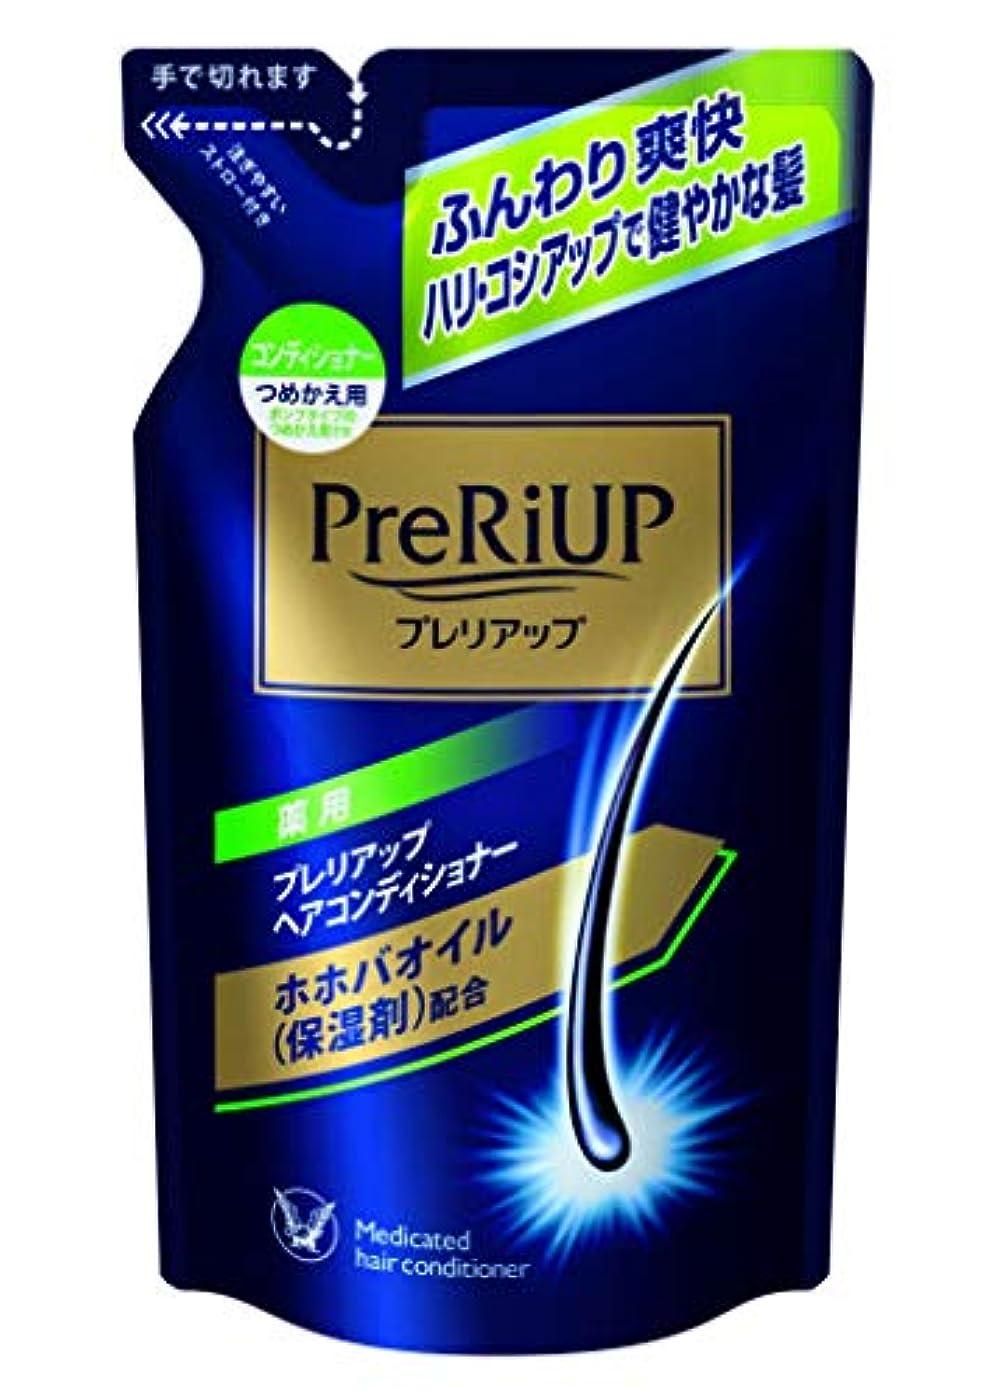 適切な飽和する予想外大正製薬 プレリアップヘアコンディショナー つめかえ用350g